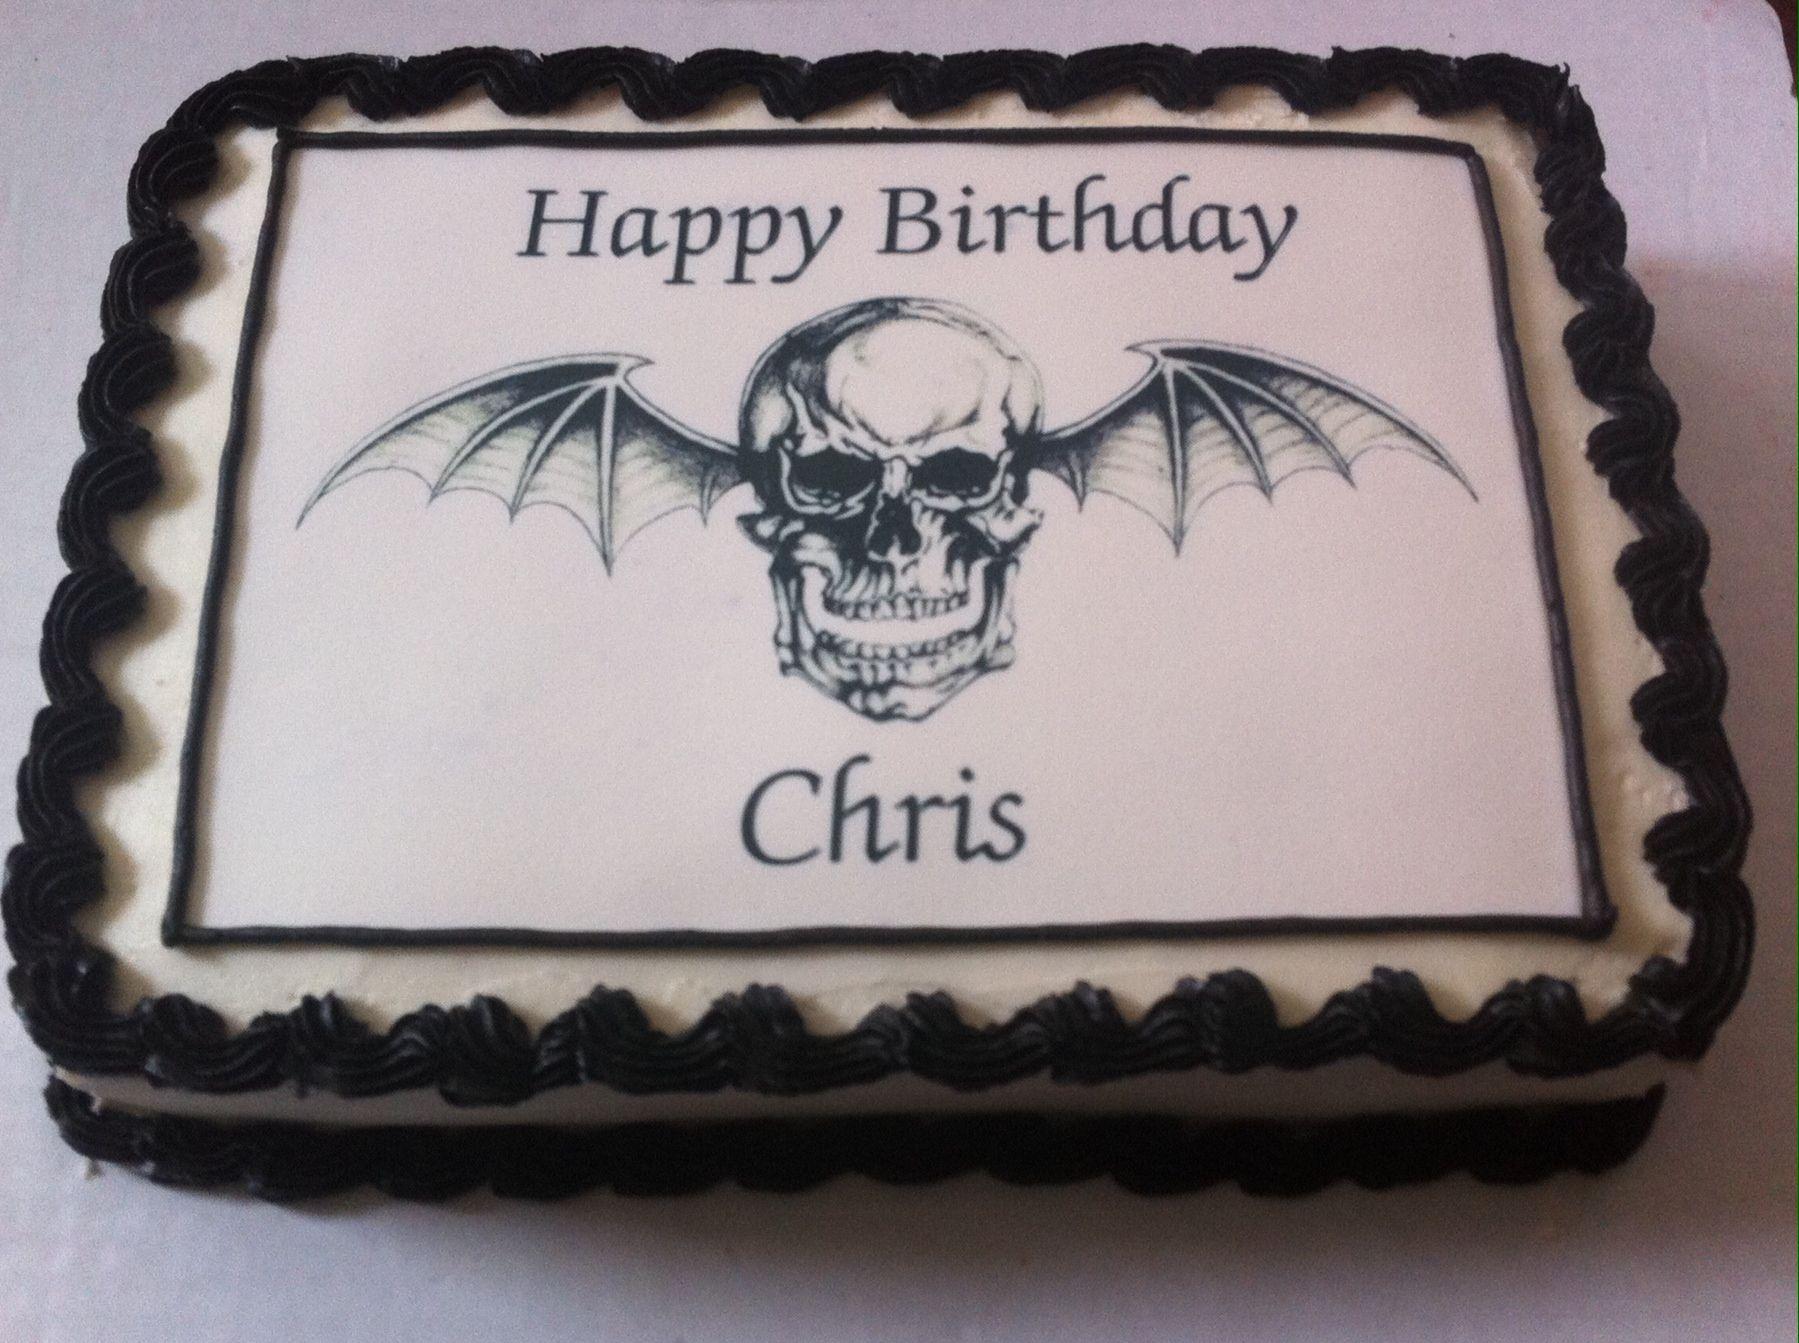 Av av avenged sevenfold tattoo designs - Avenged Sevenfold Birthday Cake